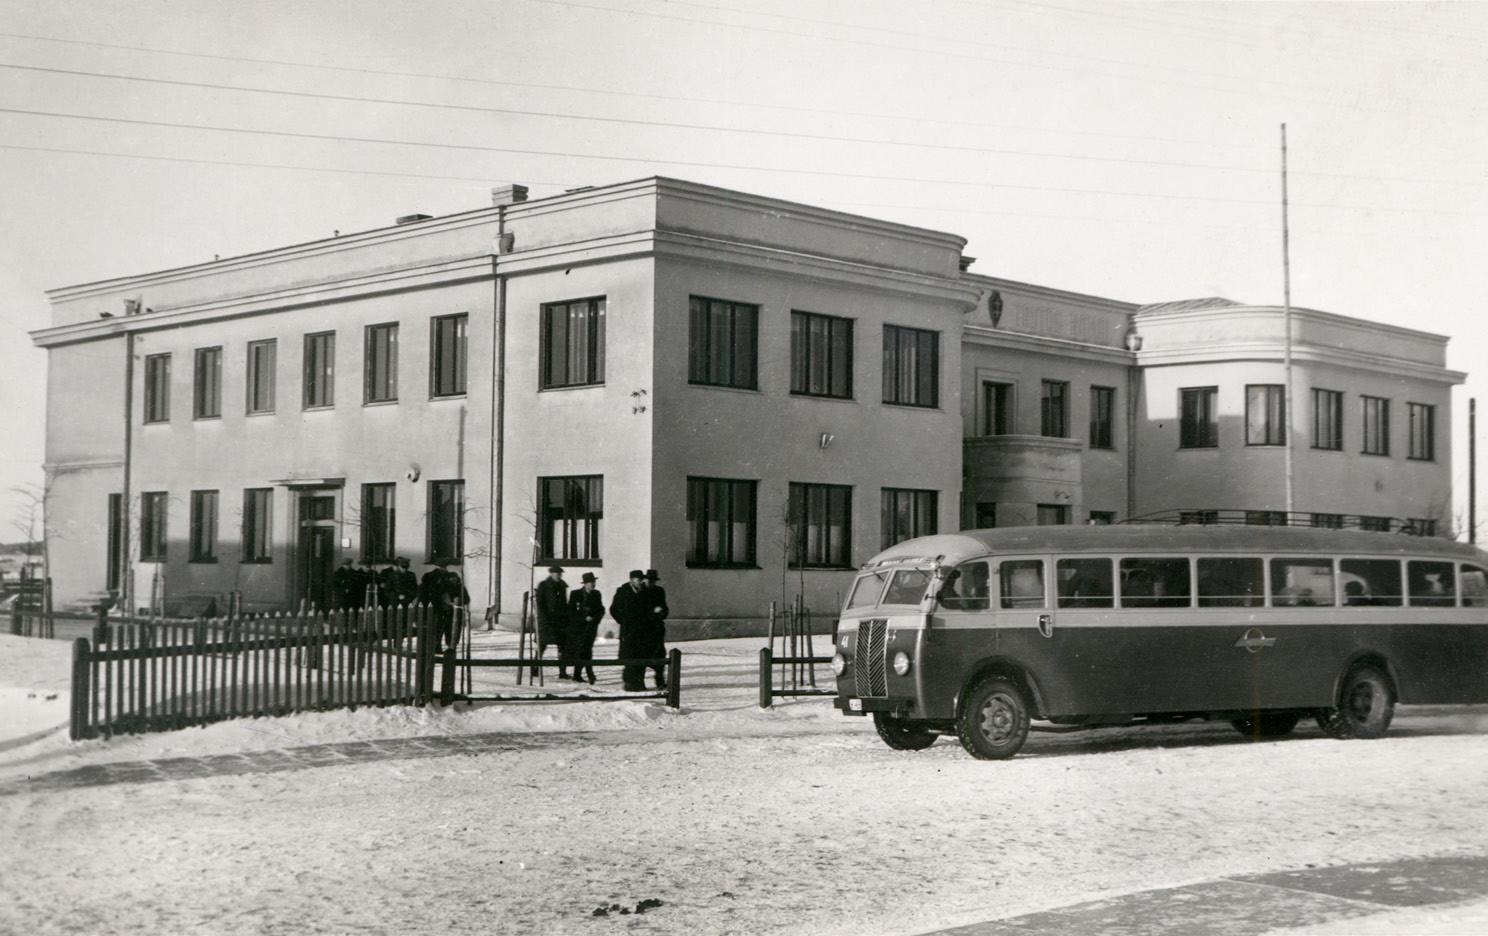 """2 pav. 1933 m. naujai pastatyti mūriniai Utenos šaulių namai, virš įėjimo LŠS ženklas ir užrašas: """"Šaulių namai – Tautos namai"""", XX a. 4-asis dešimtmetis. I. Girčiaus nuotr. (LCVA)"""